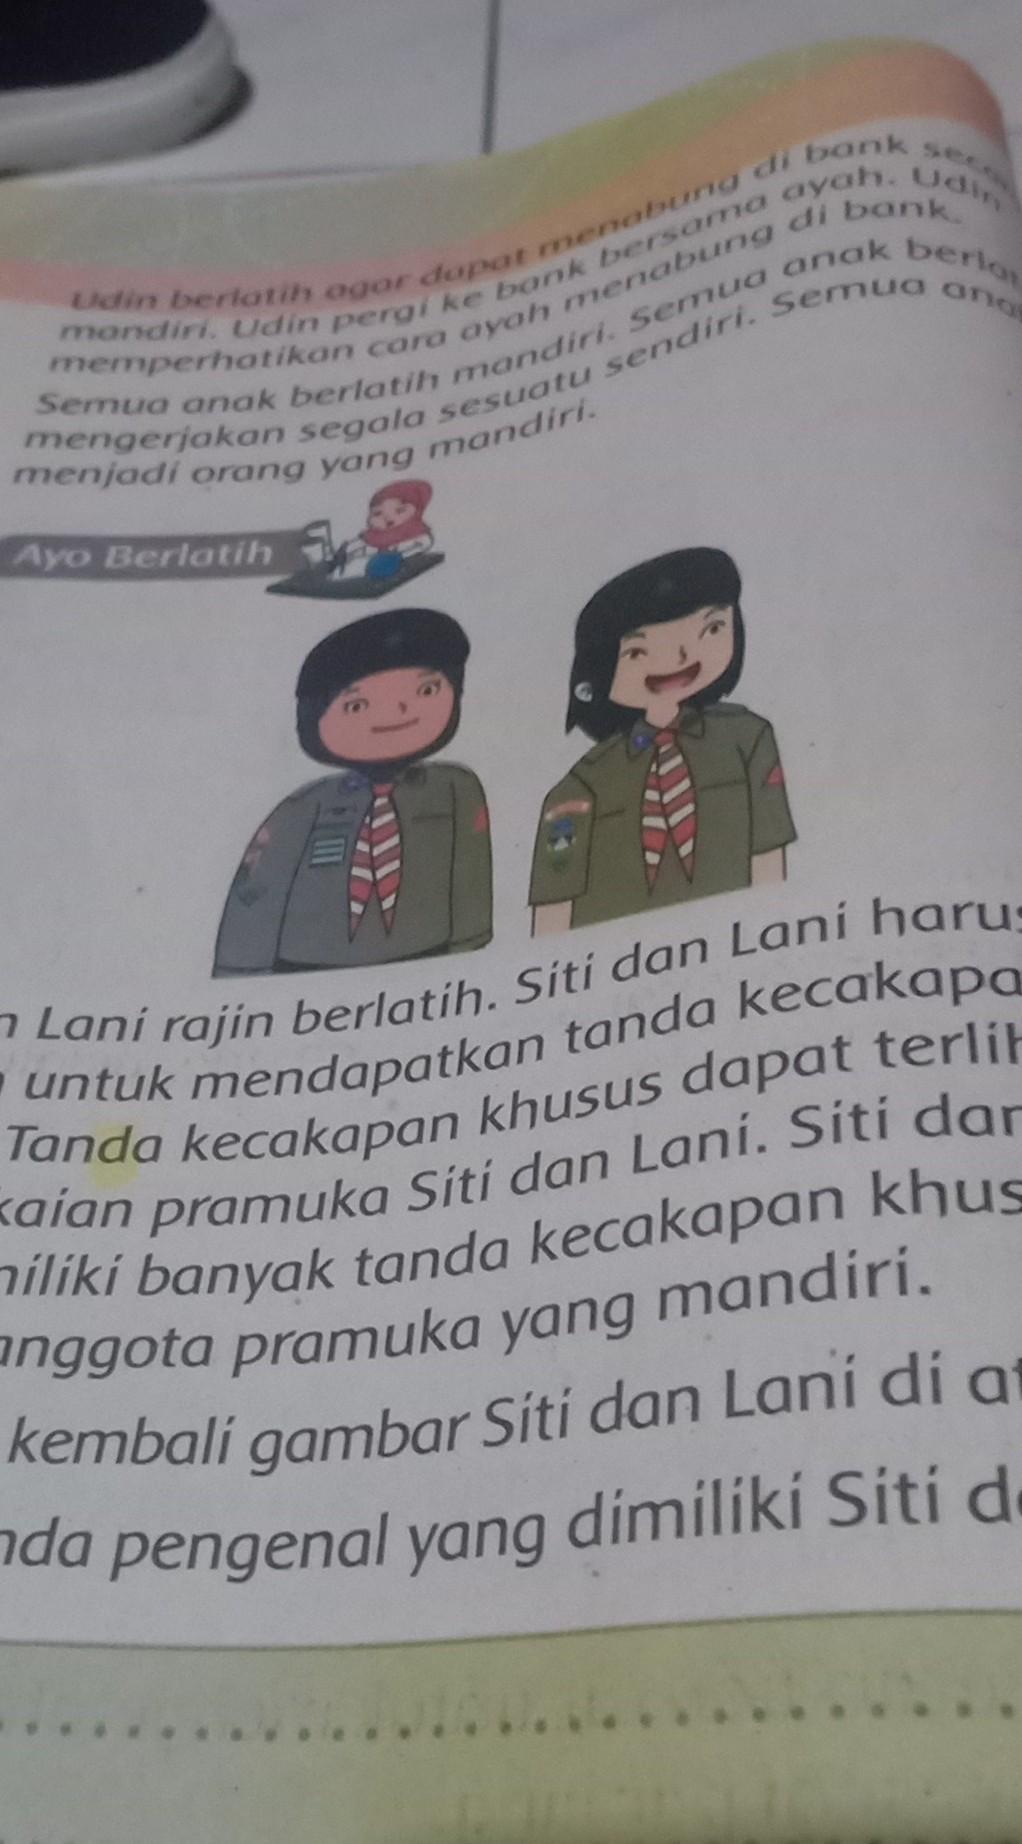 Apa Saja Tanda Pengenal Yang Dimiliki Siti Dan Lani : tanda, pengenal, dimiliki, Tanda, Pengenal, Dimiliki, Anggota, Pramuka, Brainly.co.id